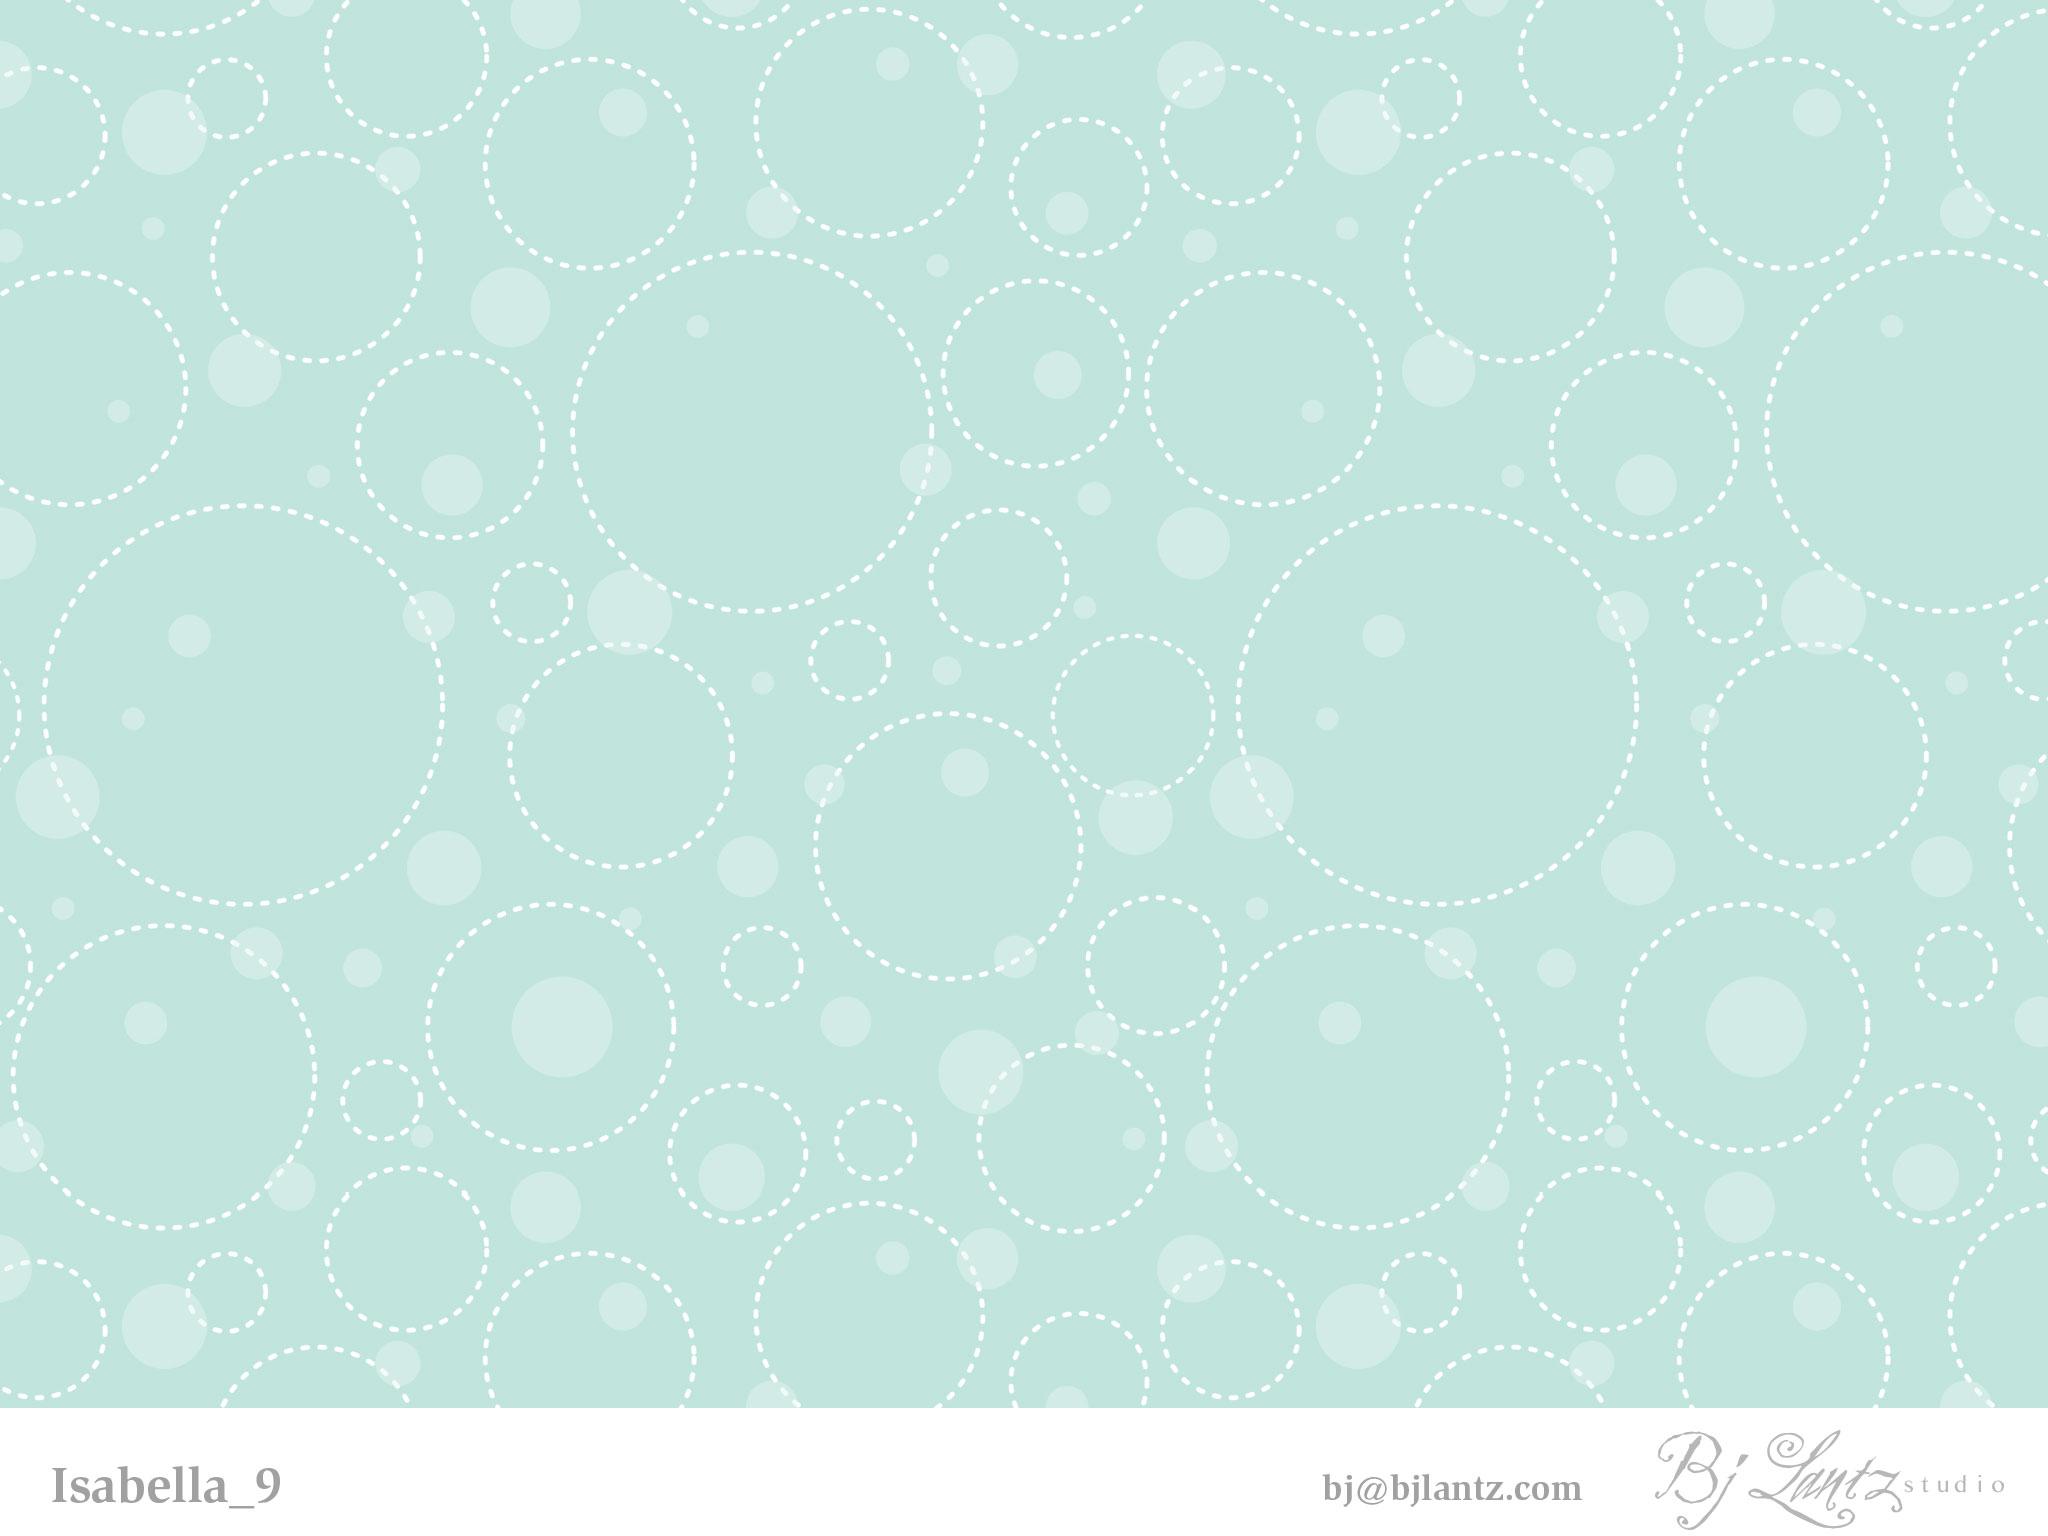 Isabella-BJ-Lantz_9.jpg